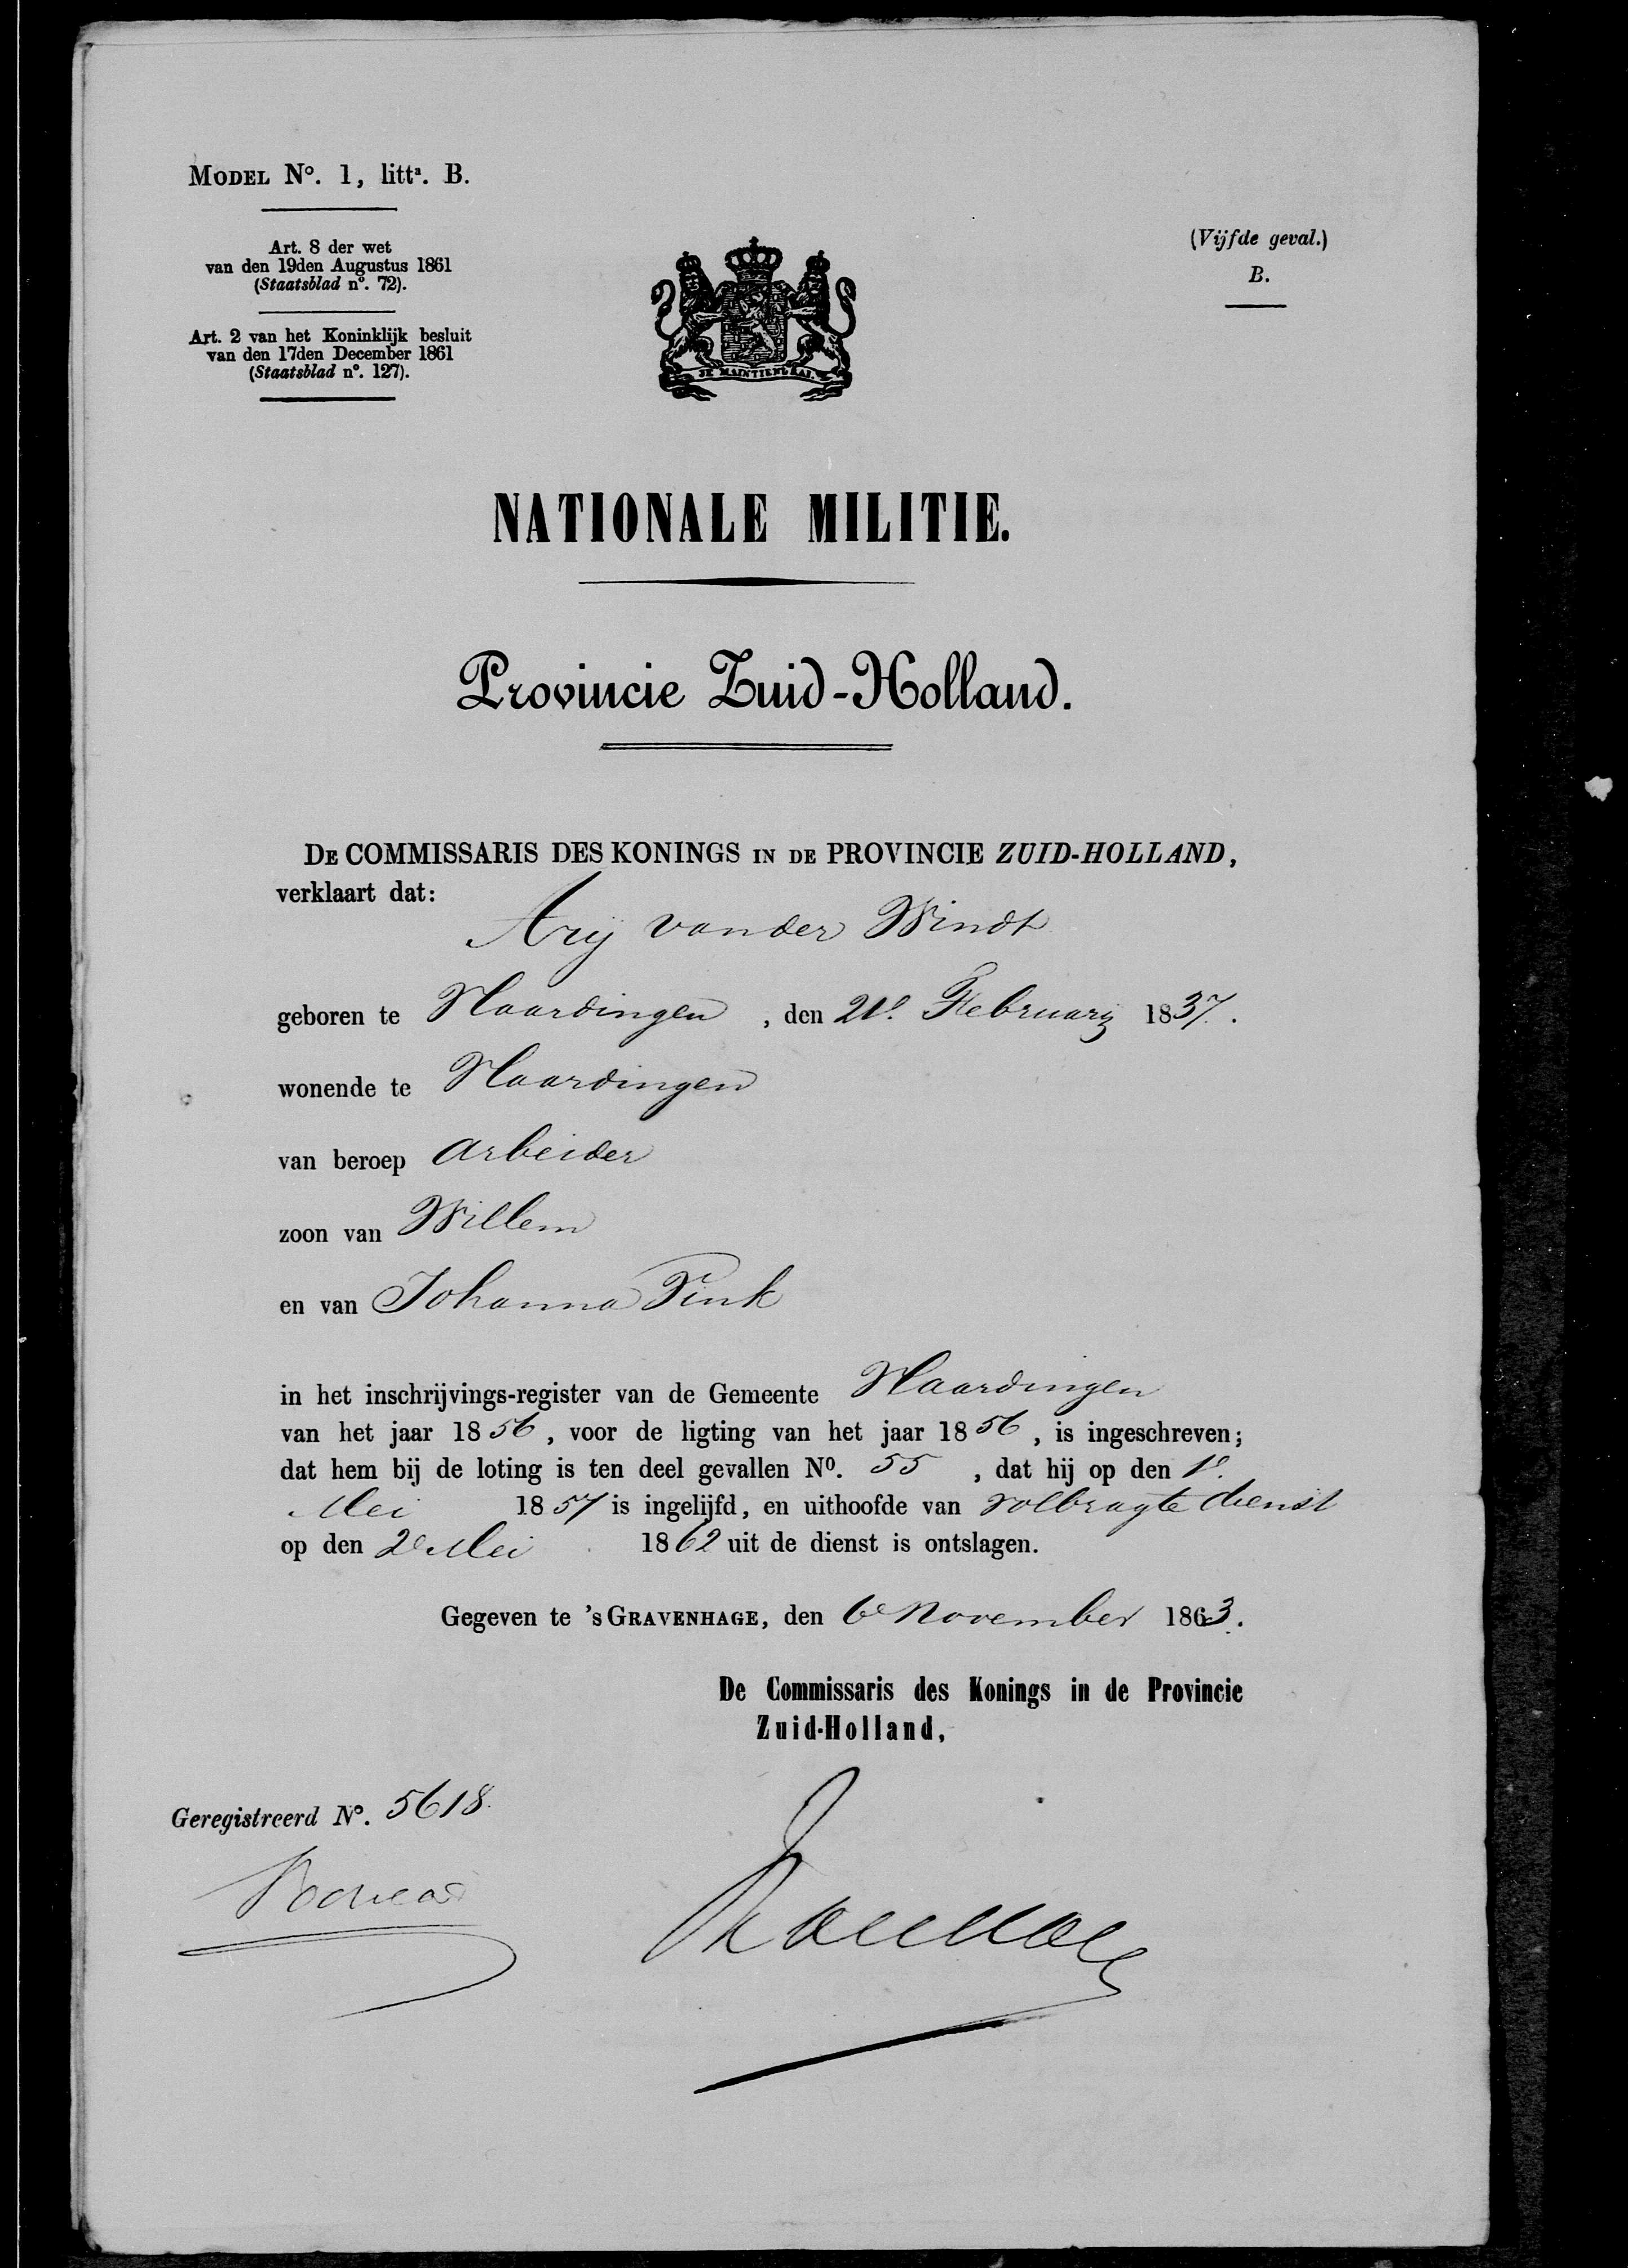 1837-02-21 Nationale Militie Arij van der Windt